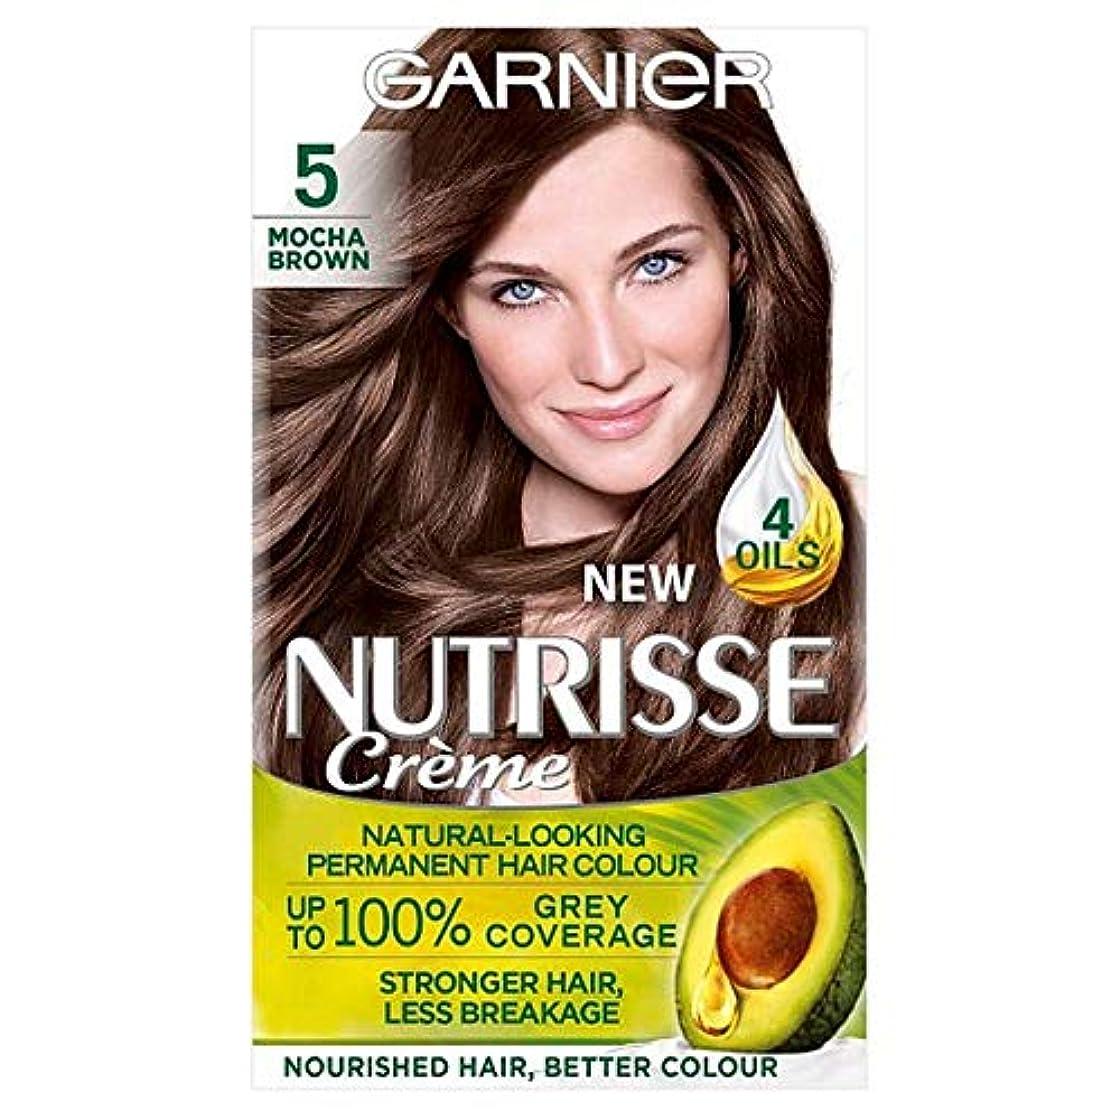 スマイル小康滑りやすい[Nutrisse] 5茶色の永久染毛剤Nutrisseガルニエ - Garnier Nutrisse 5 Brown Permanent Hair Dye [並行輸入品]